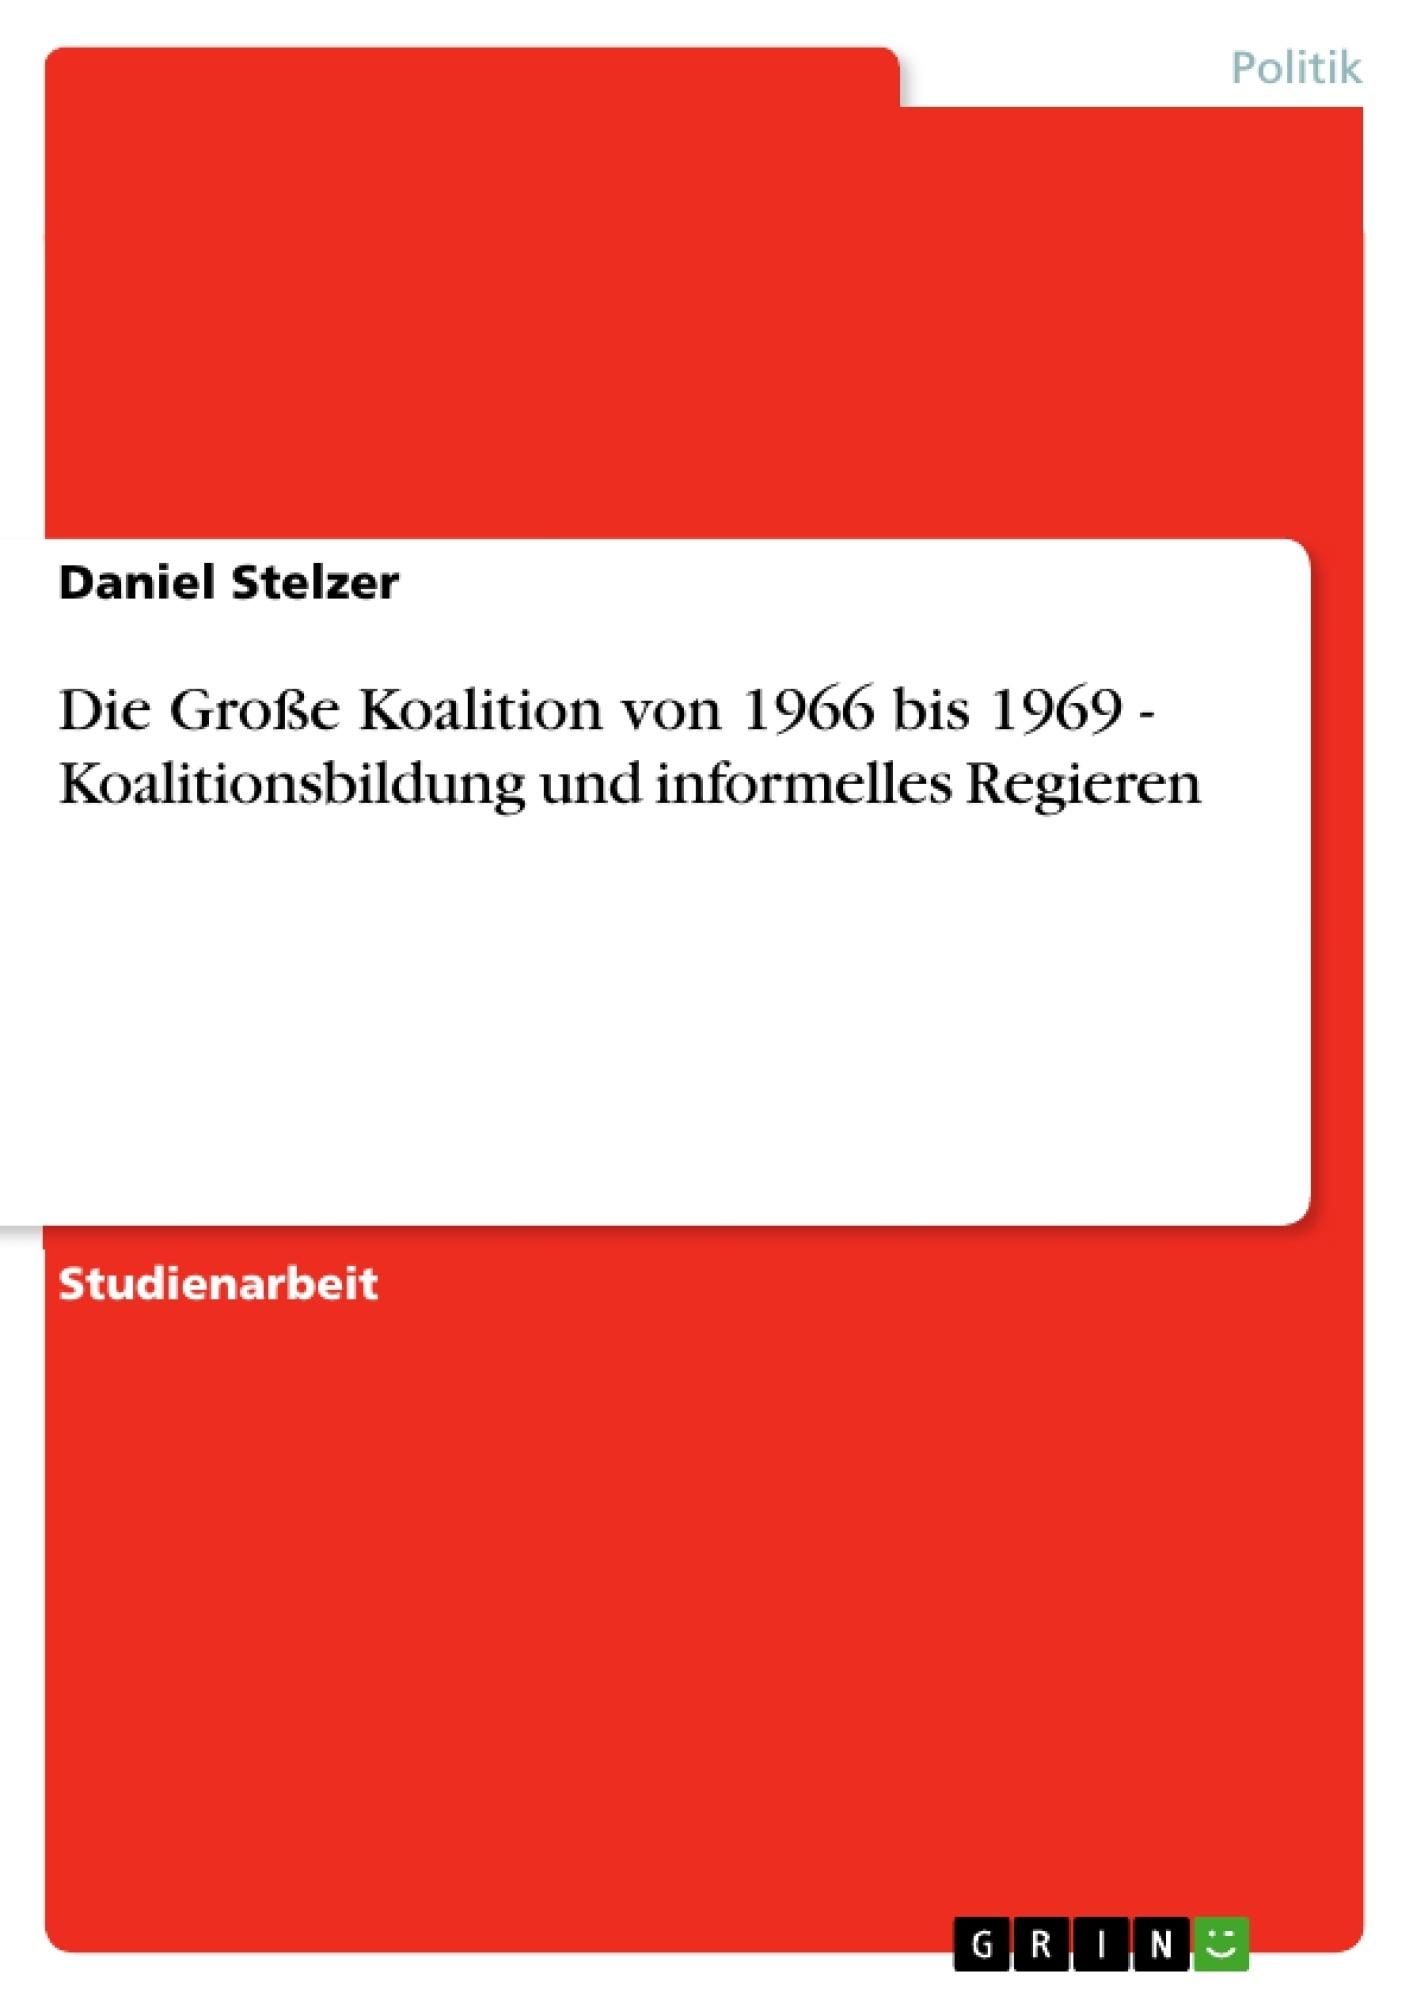 Titel: Die Große Koalition von 1966 bis 1969 - Koalitionsbildung und informelles Regieren